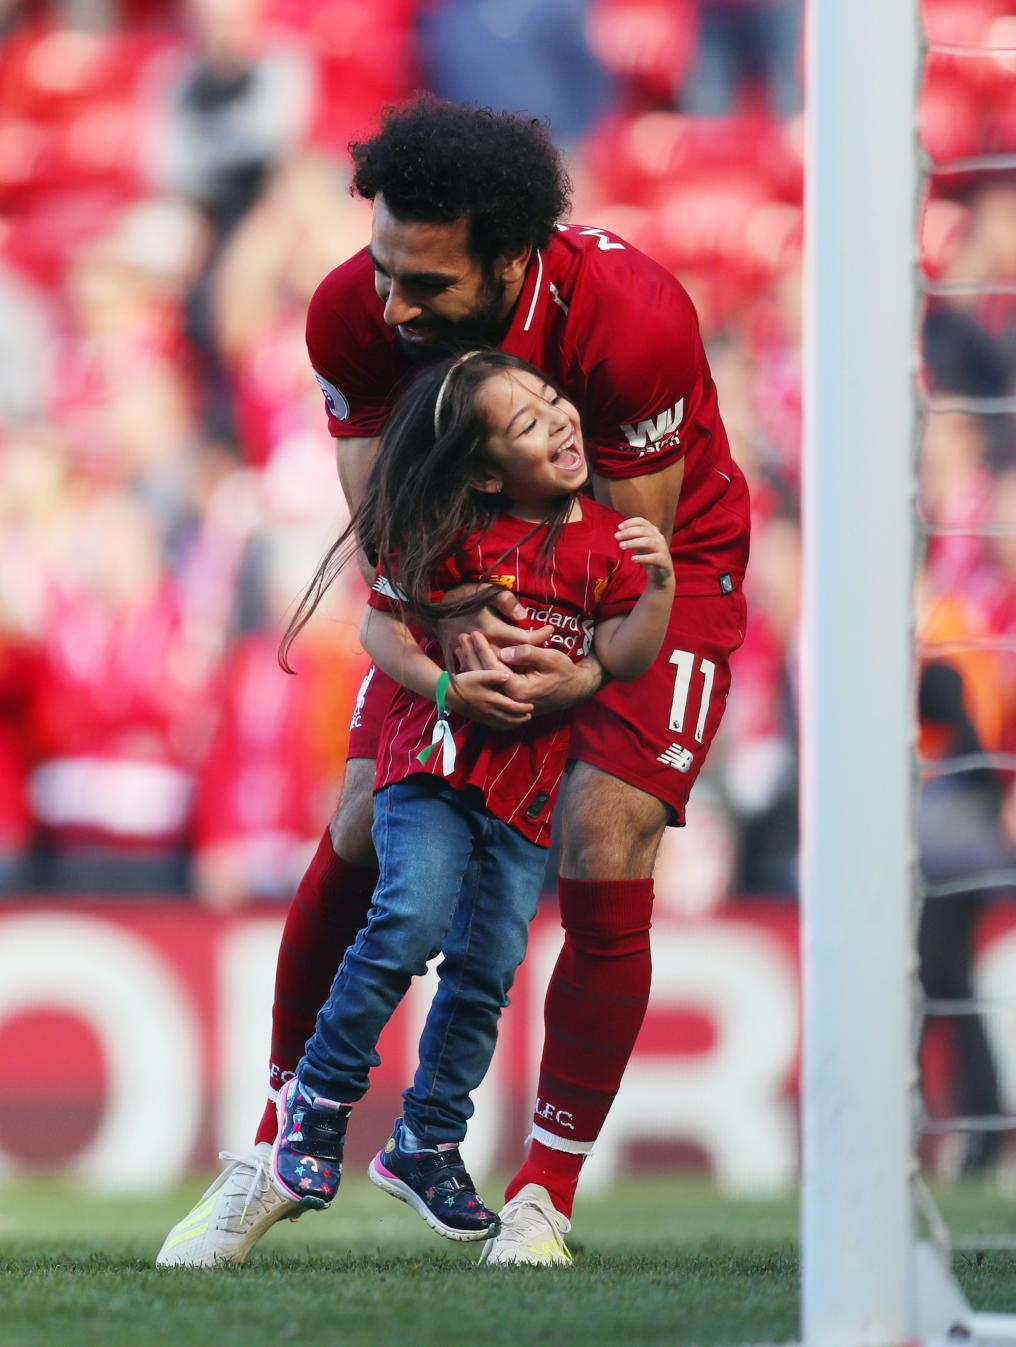 Mo Salah and his daughter after a match